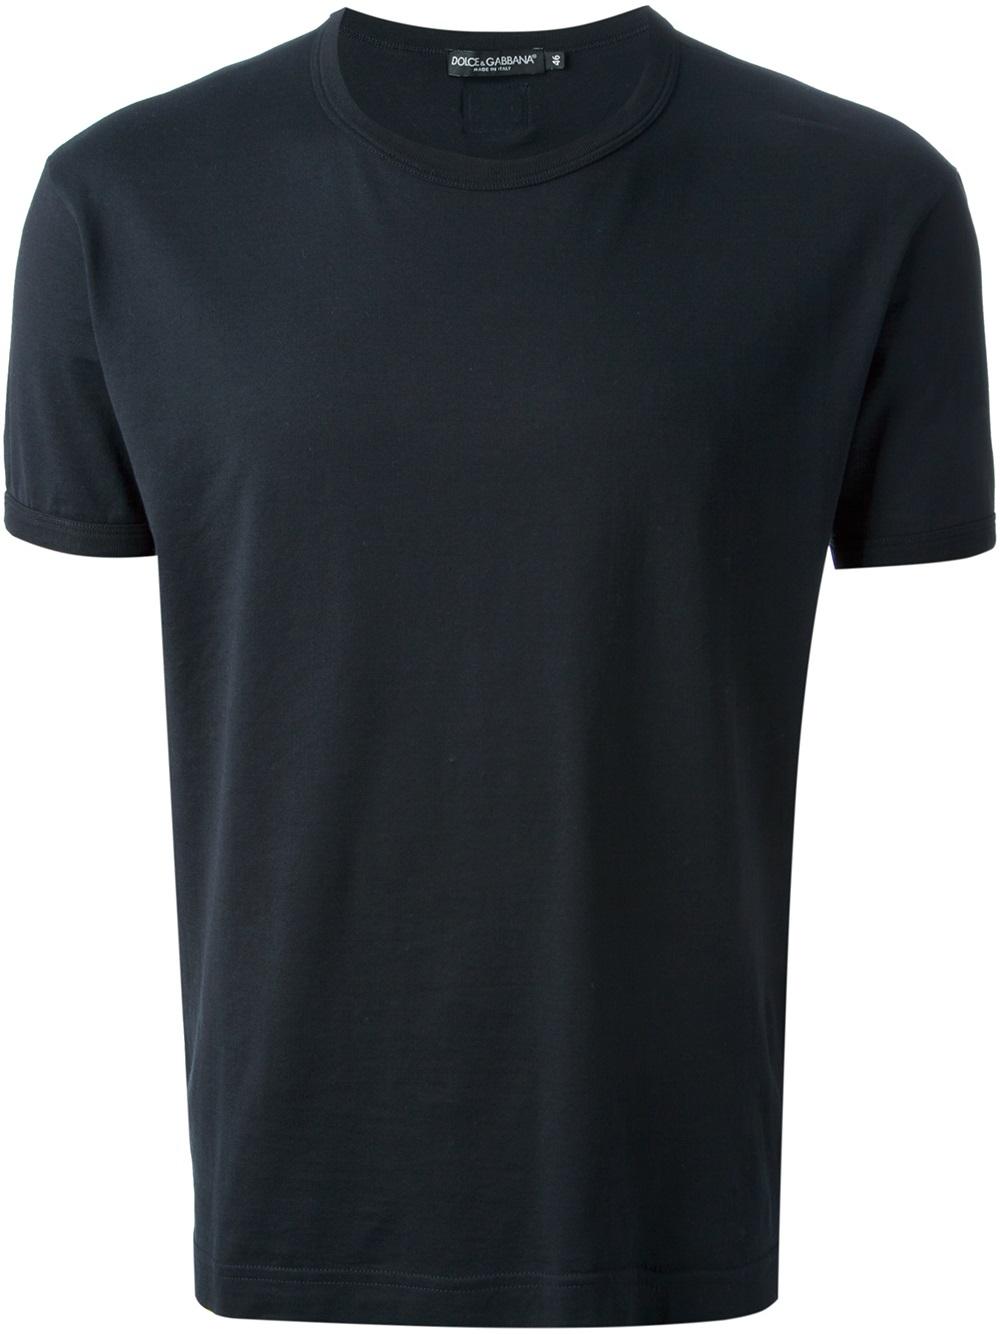 lyst dolce gabbana basic tshirt in blue for men. Black Bedroom Furniture Sets. Home Design Ideas